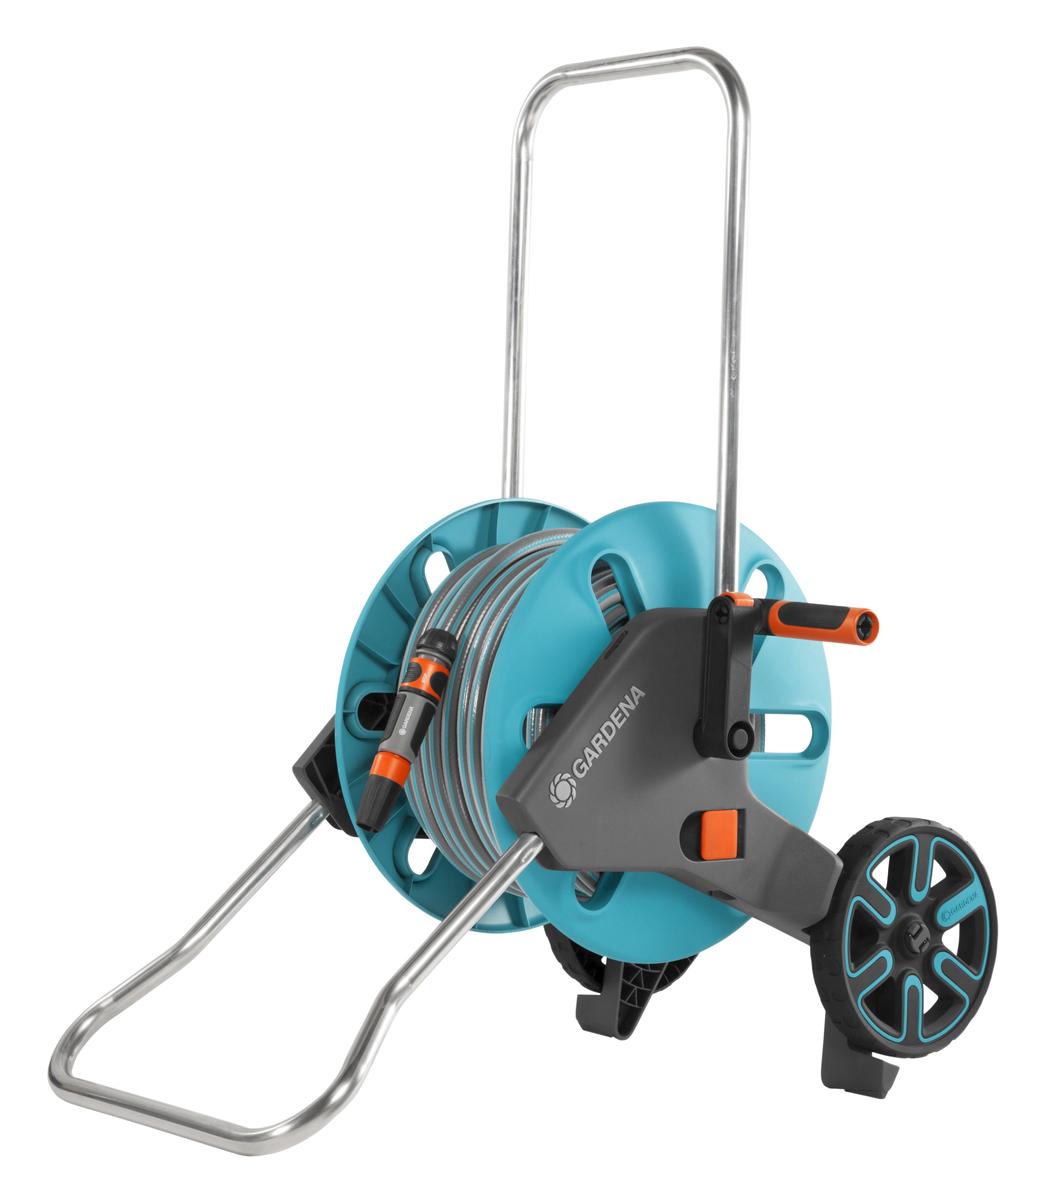 """Тележка Gardena """"AquaRoll M Easy"""" рассчитана на шланг длиной не более 60 м диаметром 13 мм (1/2"""").Шланг не перекручивается за счет соединения под углом, специальная форма опоры и подставки для колес придают тележке максимальную устойчивость при вытягивании шланга.Тележка оснащена механизмом аква-стоп для предотвращения вытекания воды после использования и во время транспортировки.Телескопическая рукоятка для компактного хранения. На рукоятке предусмотрен зажим для крепления наконечника шланга.В комплекте шланг Classic 20м диаметром 13мм (1/2""""), фитинги базовой системы полива.Сборка без инструментов."""